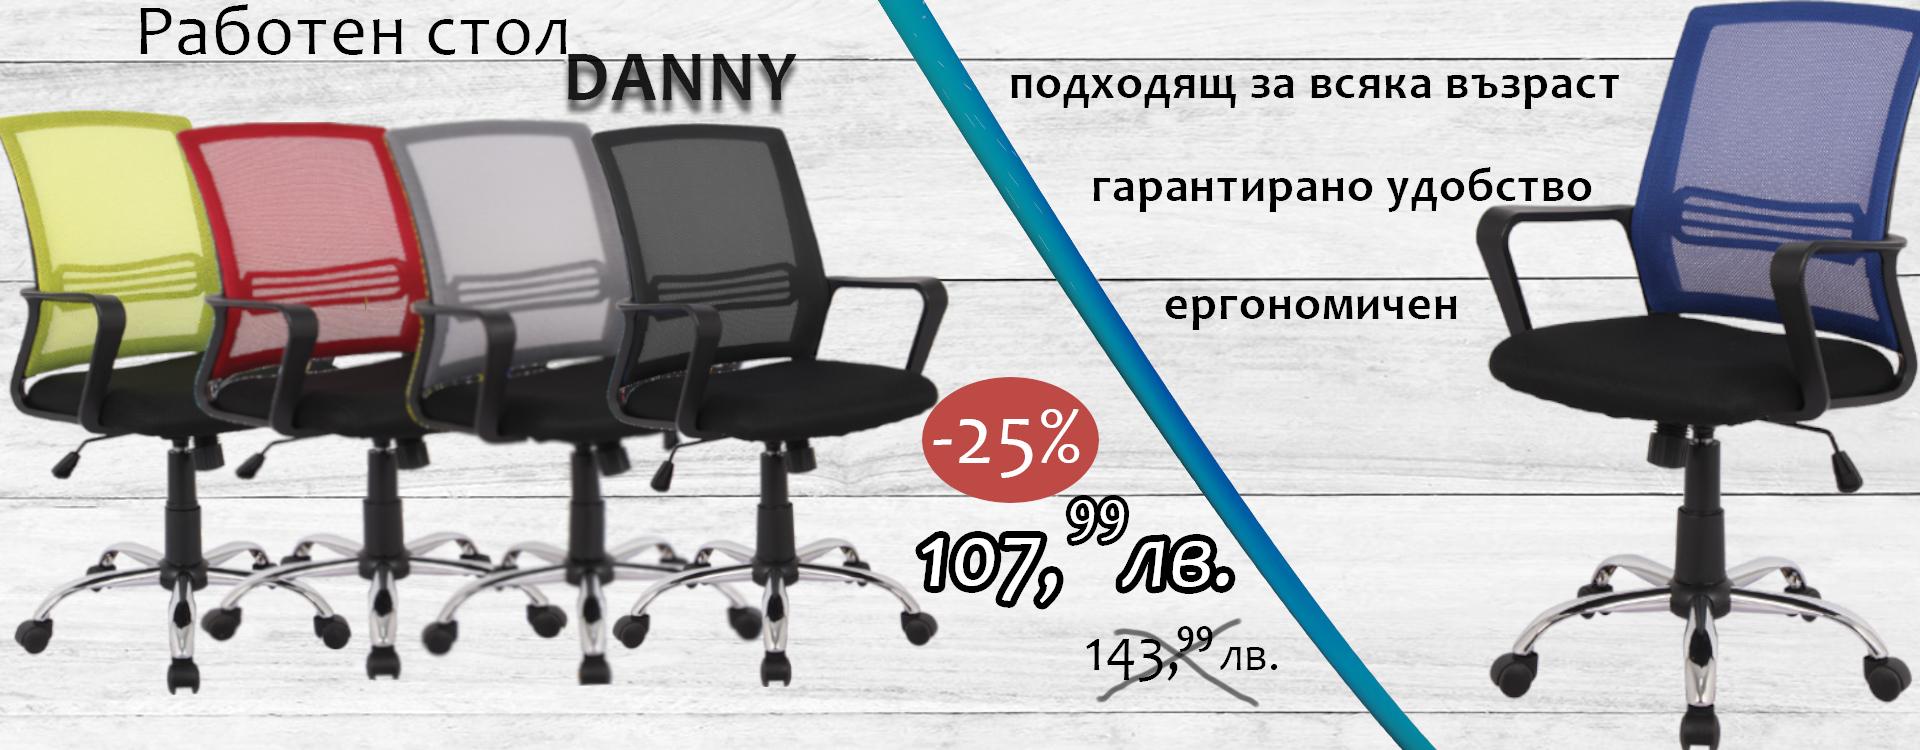 работен стол Danny намаление, различни цветове